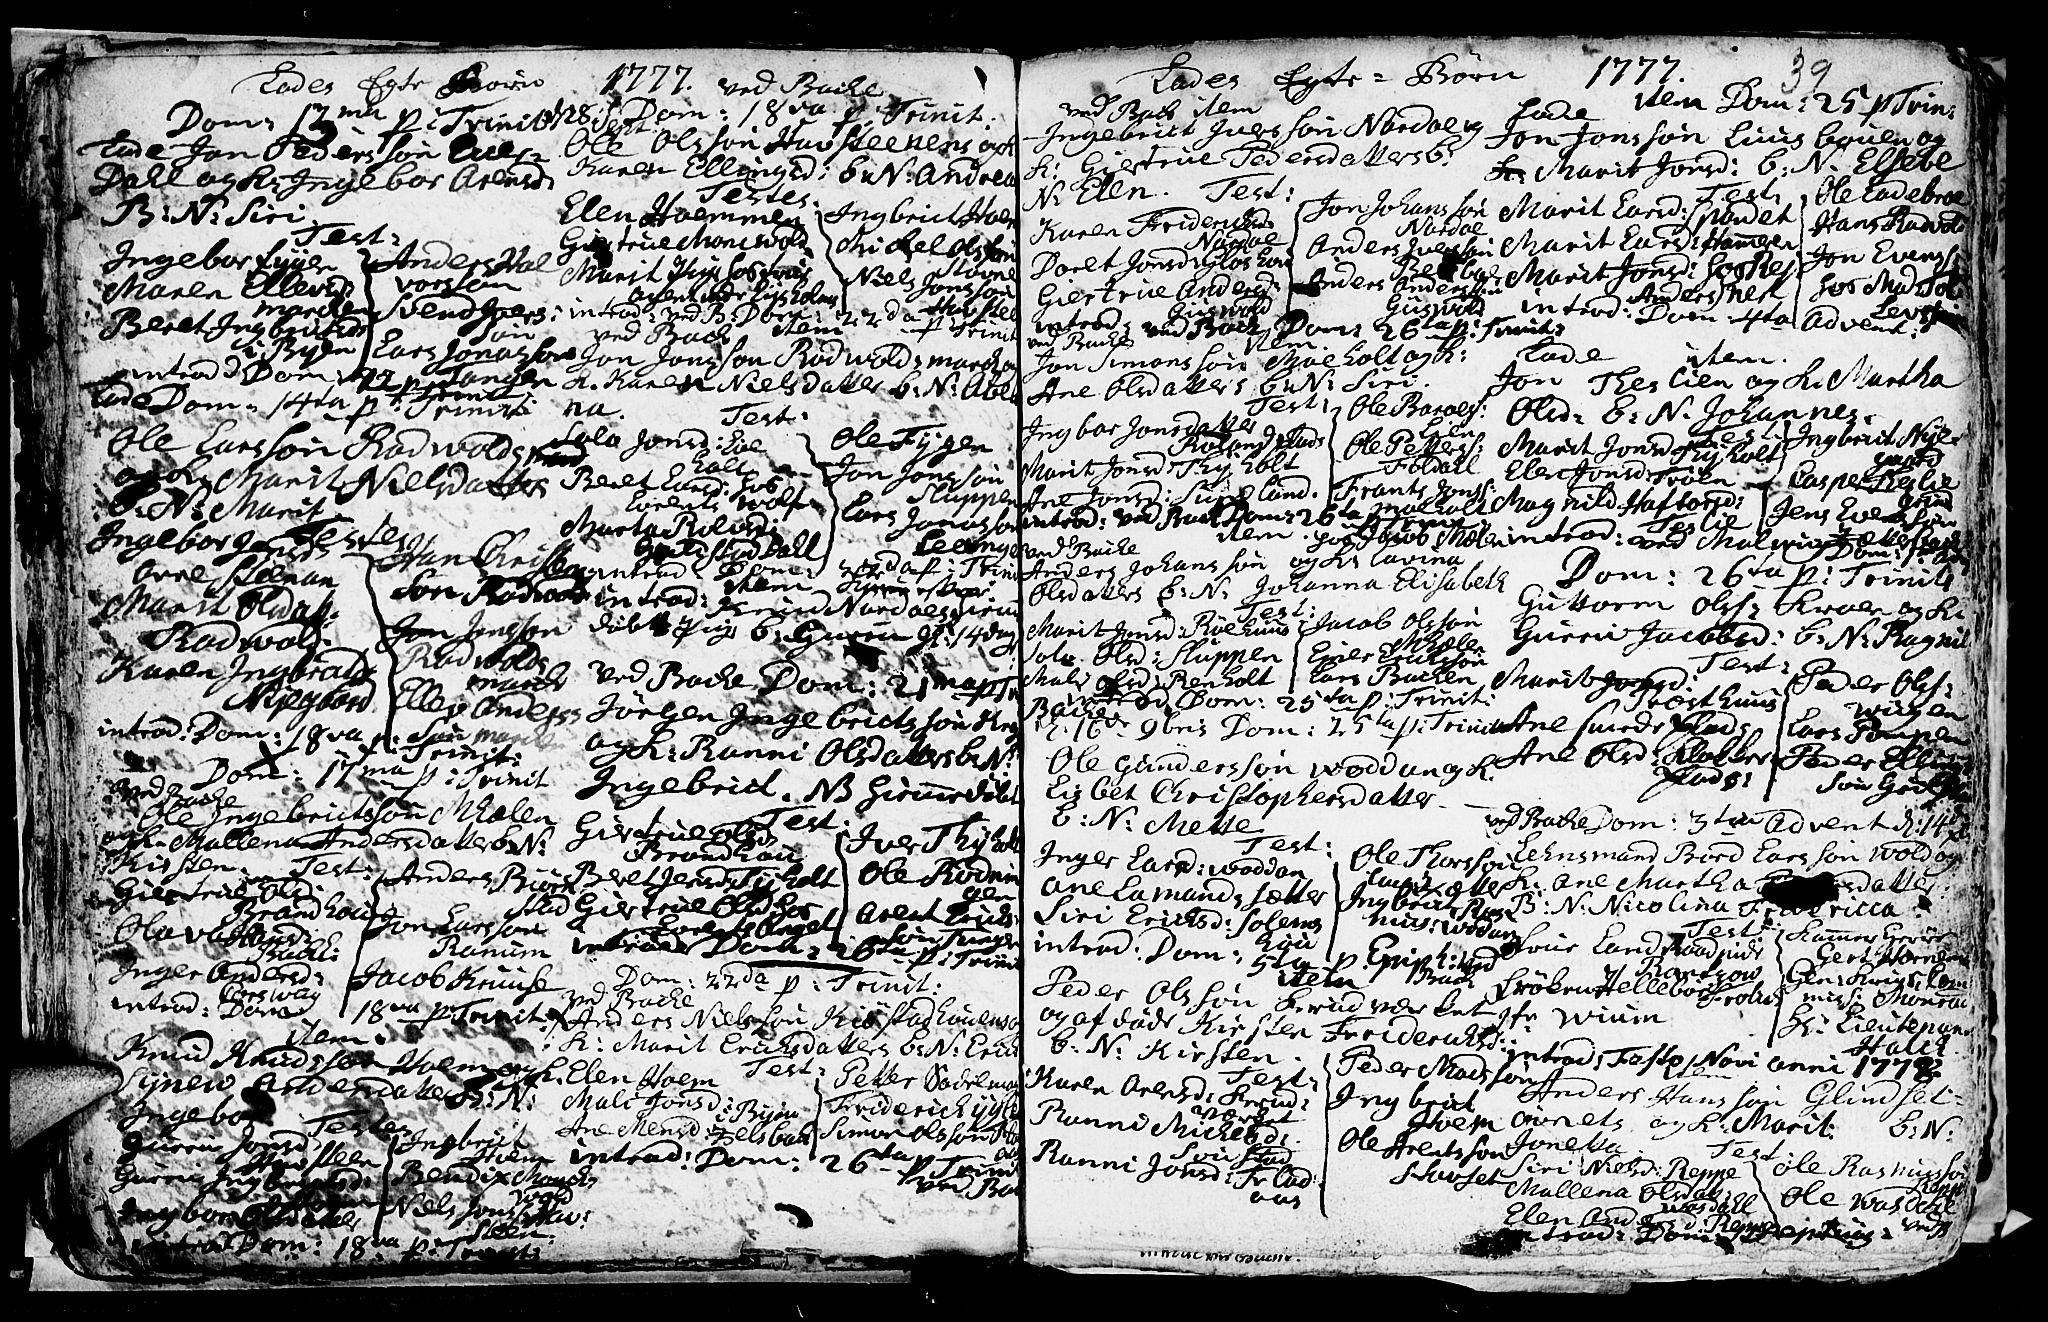 SAT, Ministerialprotokoller, klokkerbøker og fødselsregistre - Sør-Trøndelag, 606/L0305: Klokkerbok nr. 606C01, 1757-1819, s. 39